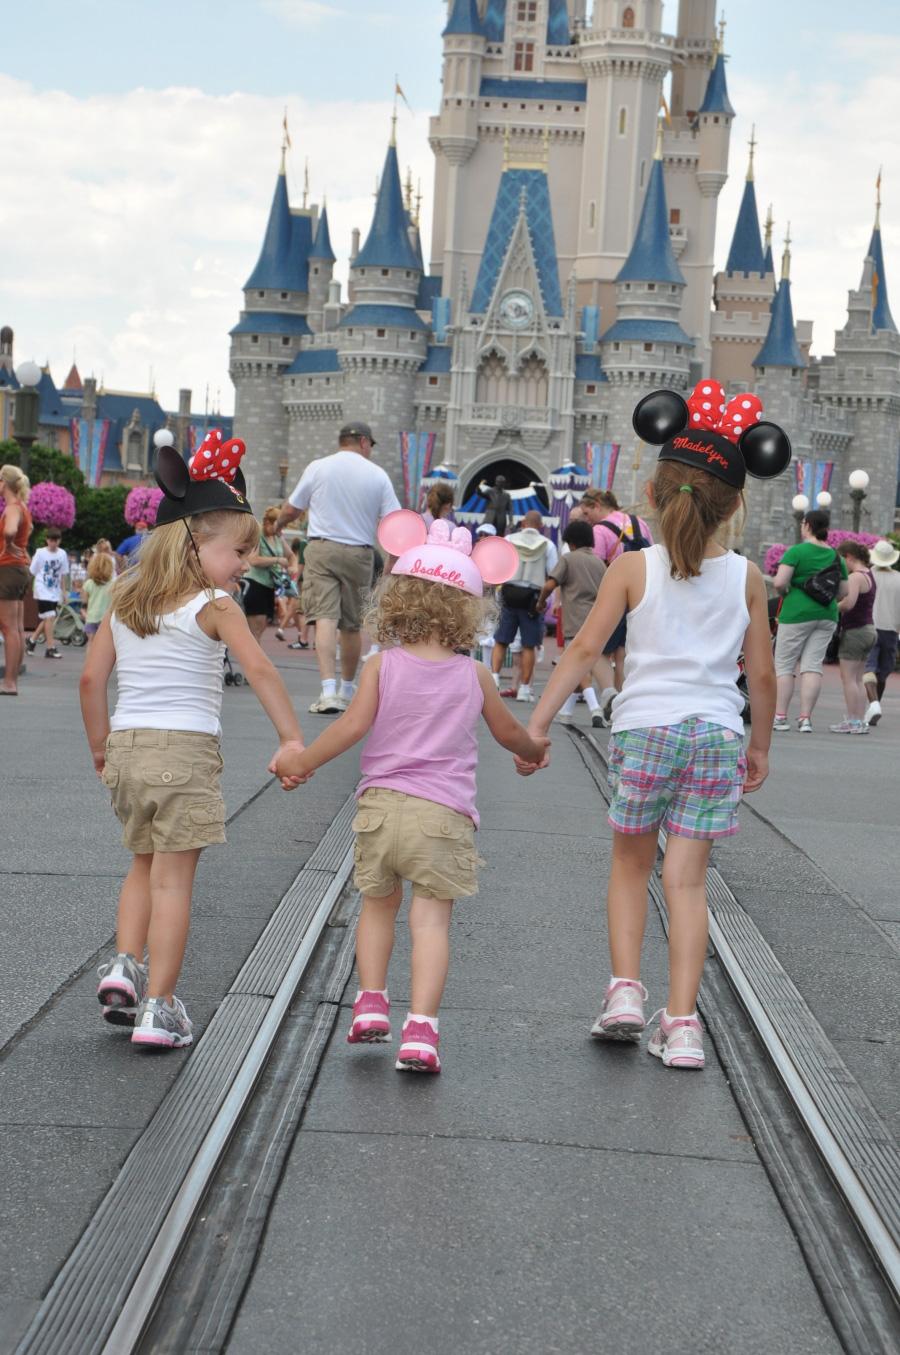 Disneyland Theme Park Tickets in Anaheim, California Disney world photopass cost